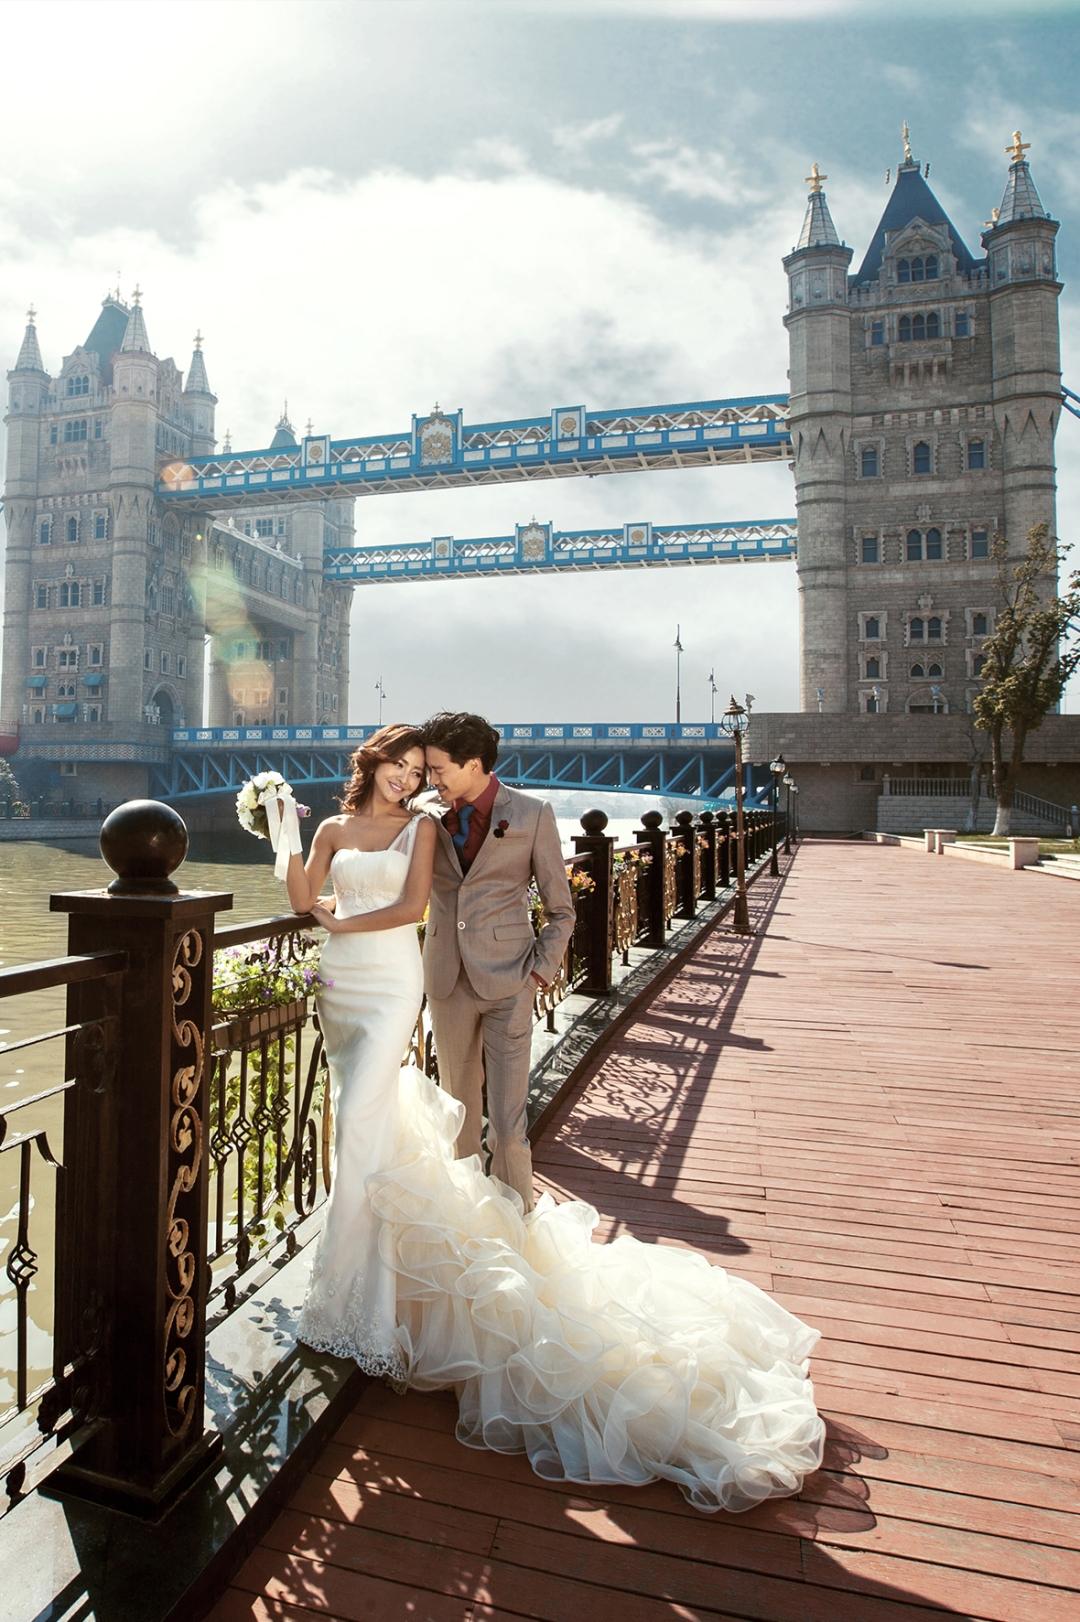 高雄婚攝MAC推薦-連雲港婚紗攝影工作室